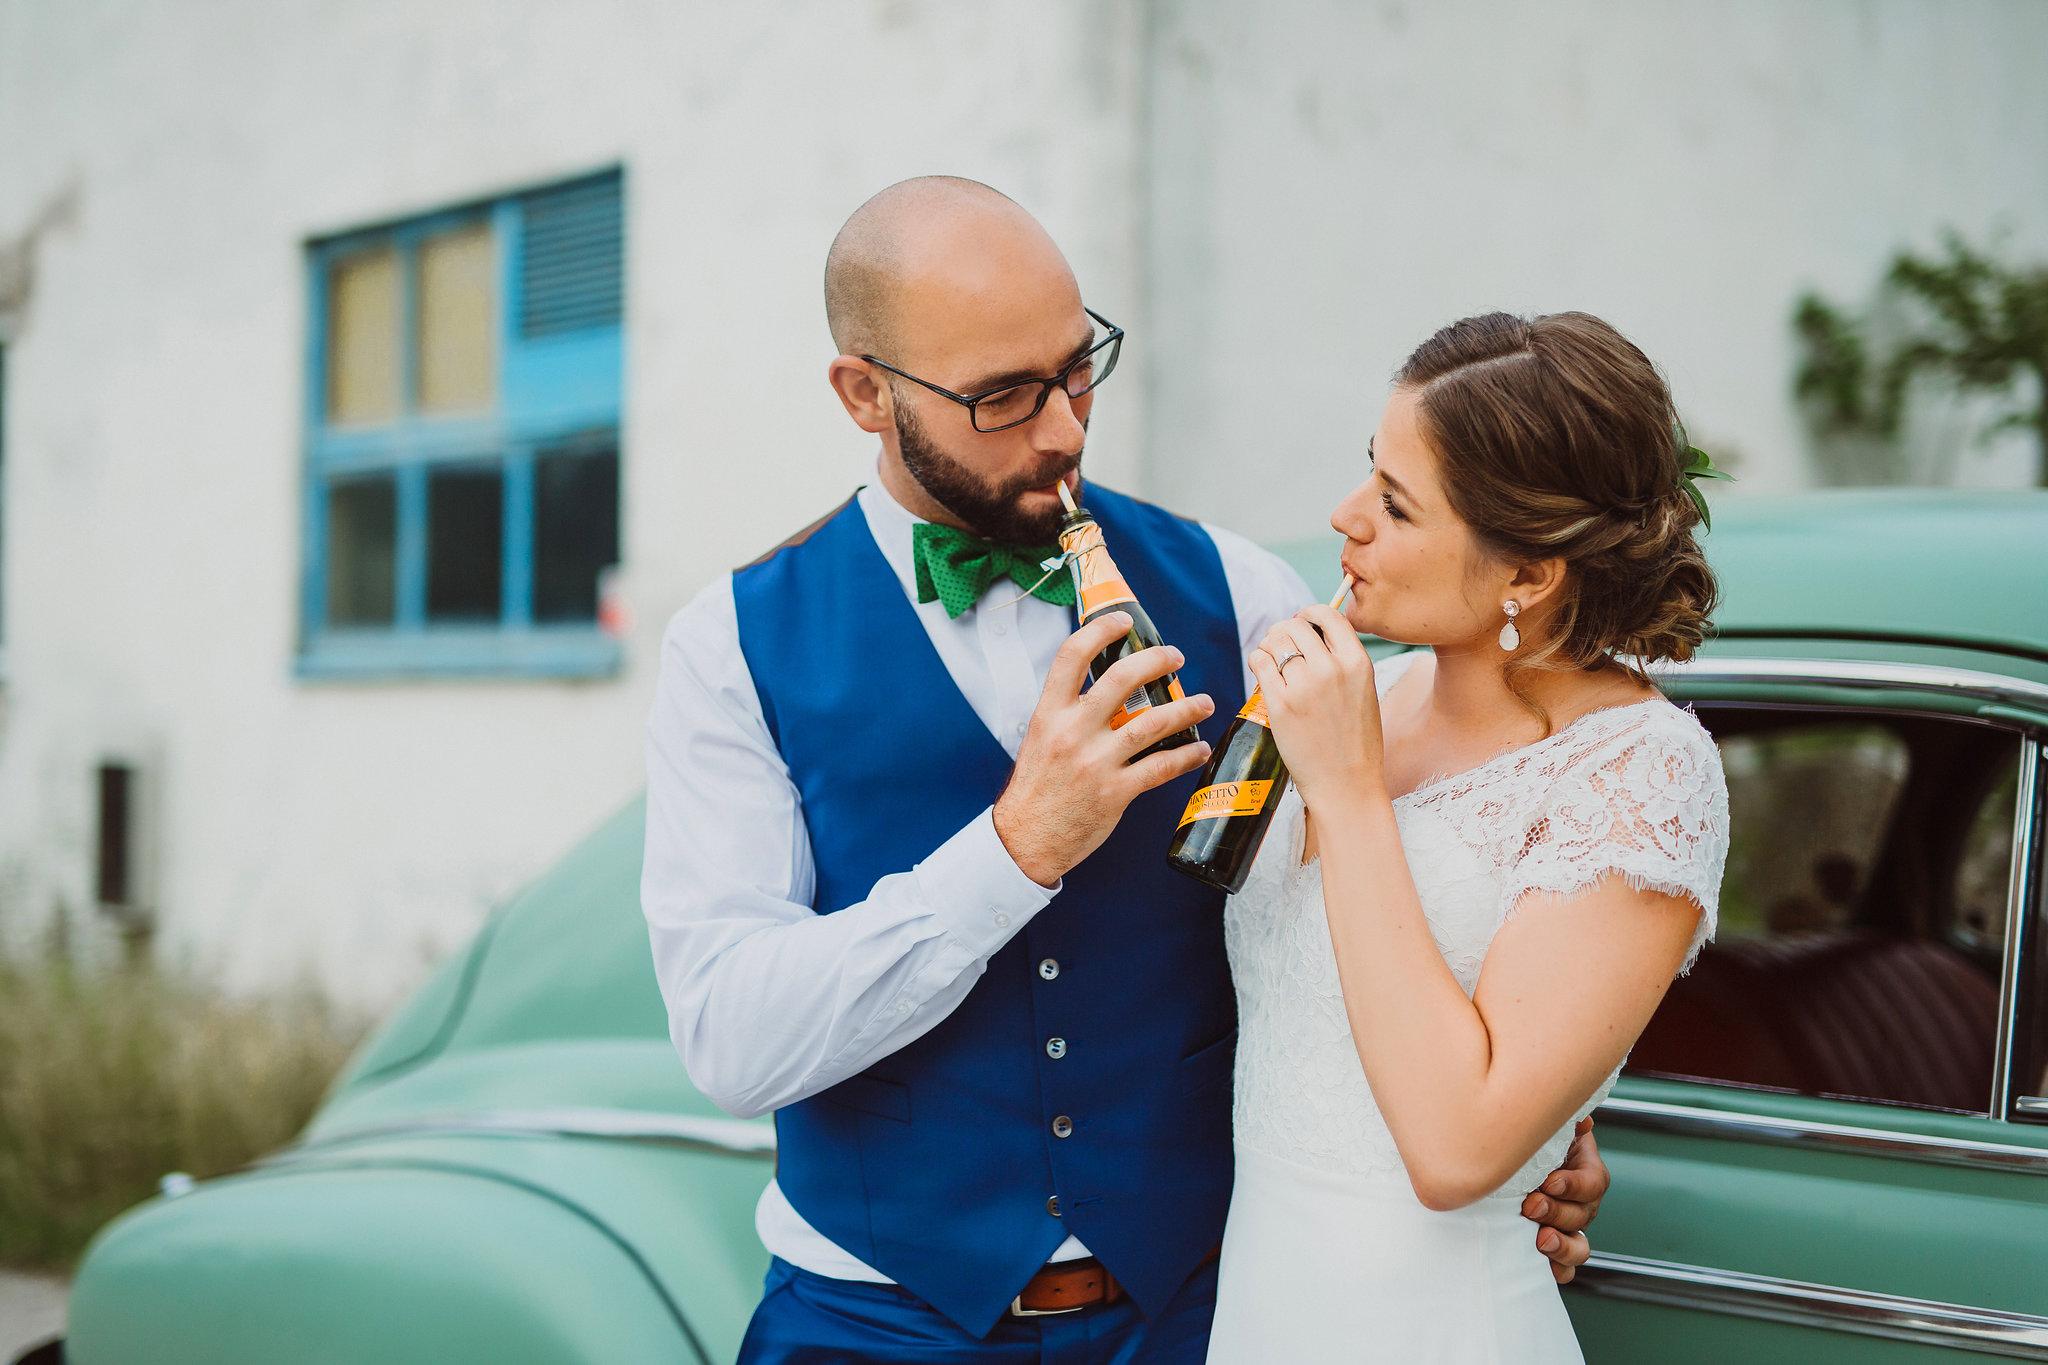 vigsel+bröllop+blogg+bröllopsfotograf